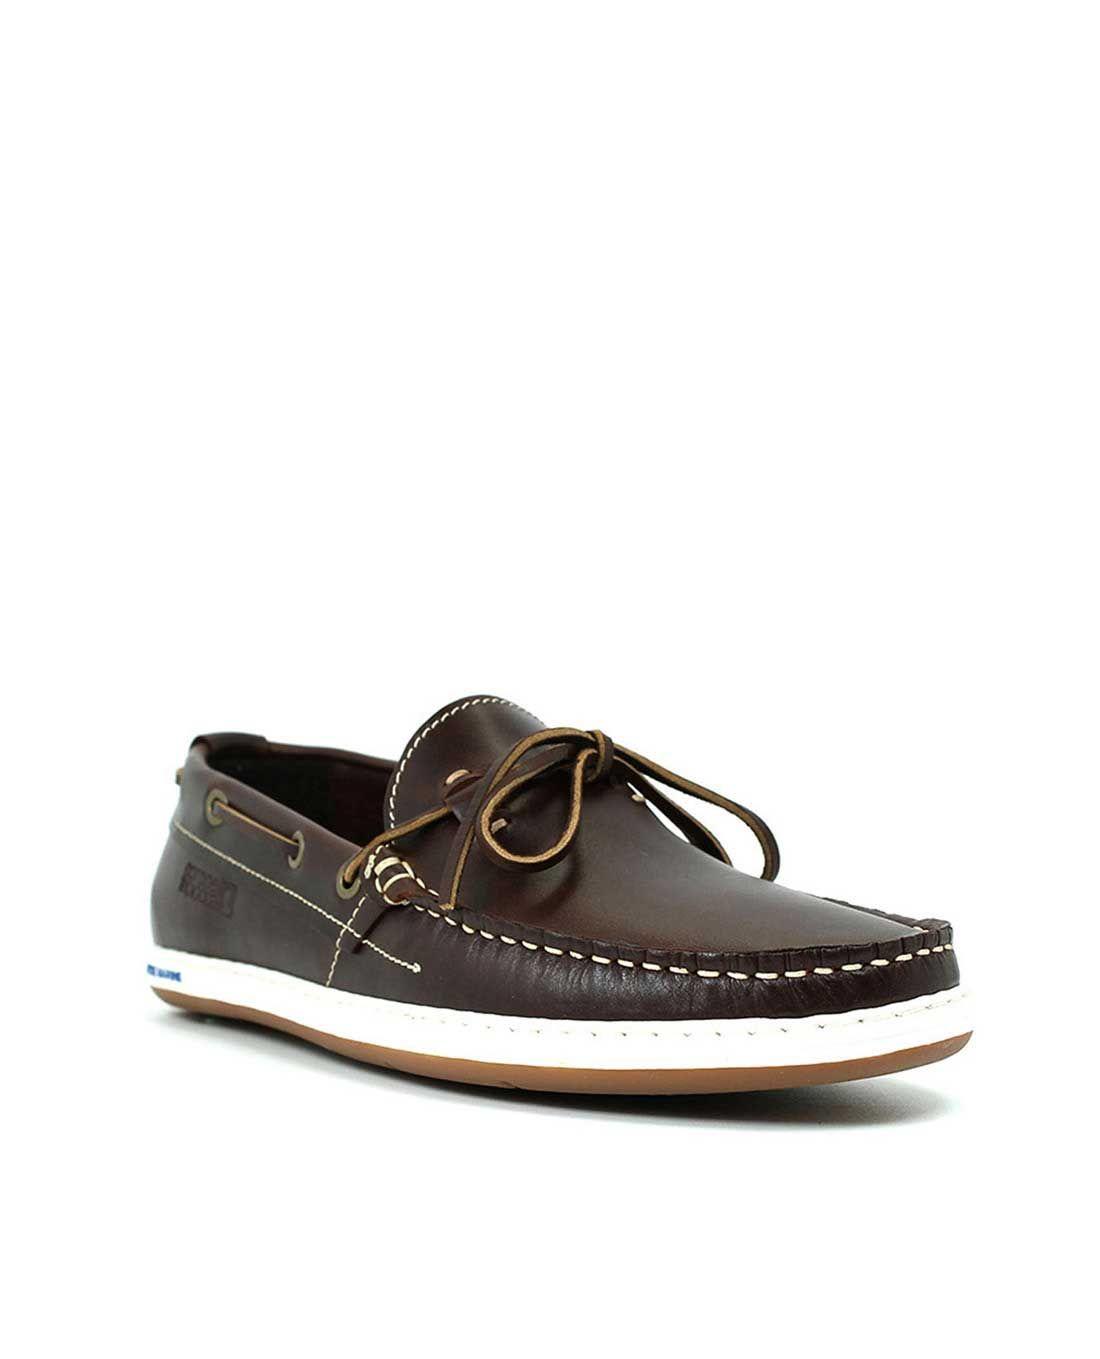 659b9feedfd Mocasines Coronel Tapiocca marrón 996 Zapatos En Línea, Mocasines Hombre,  Zapatillas Para Correr,